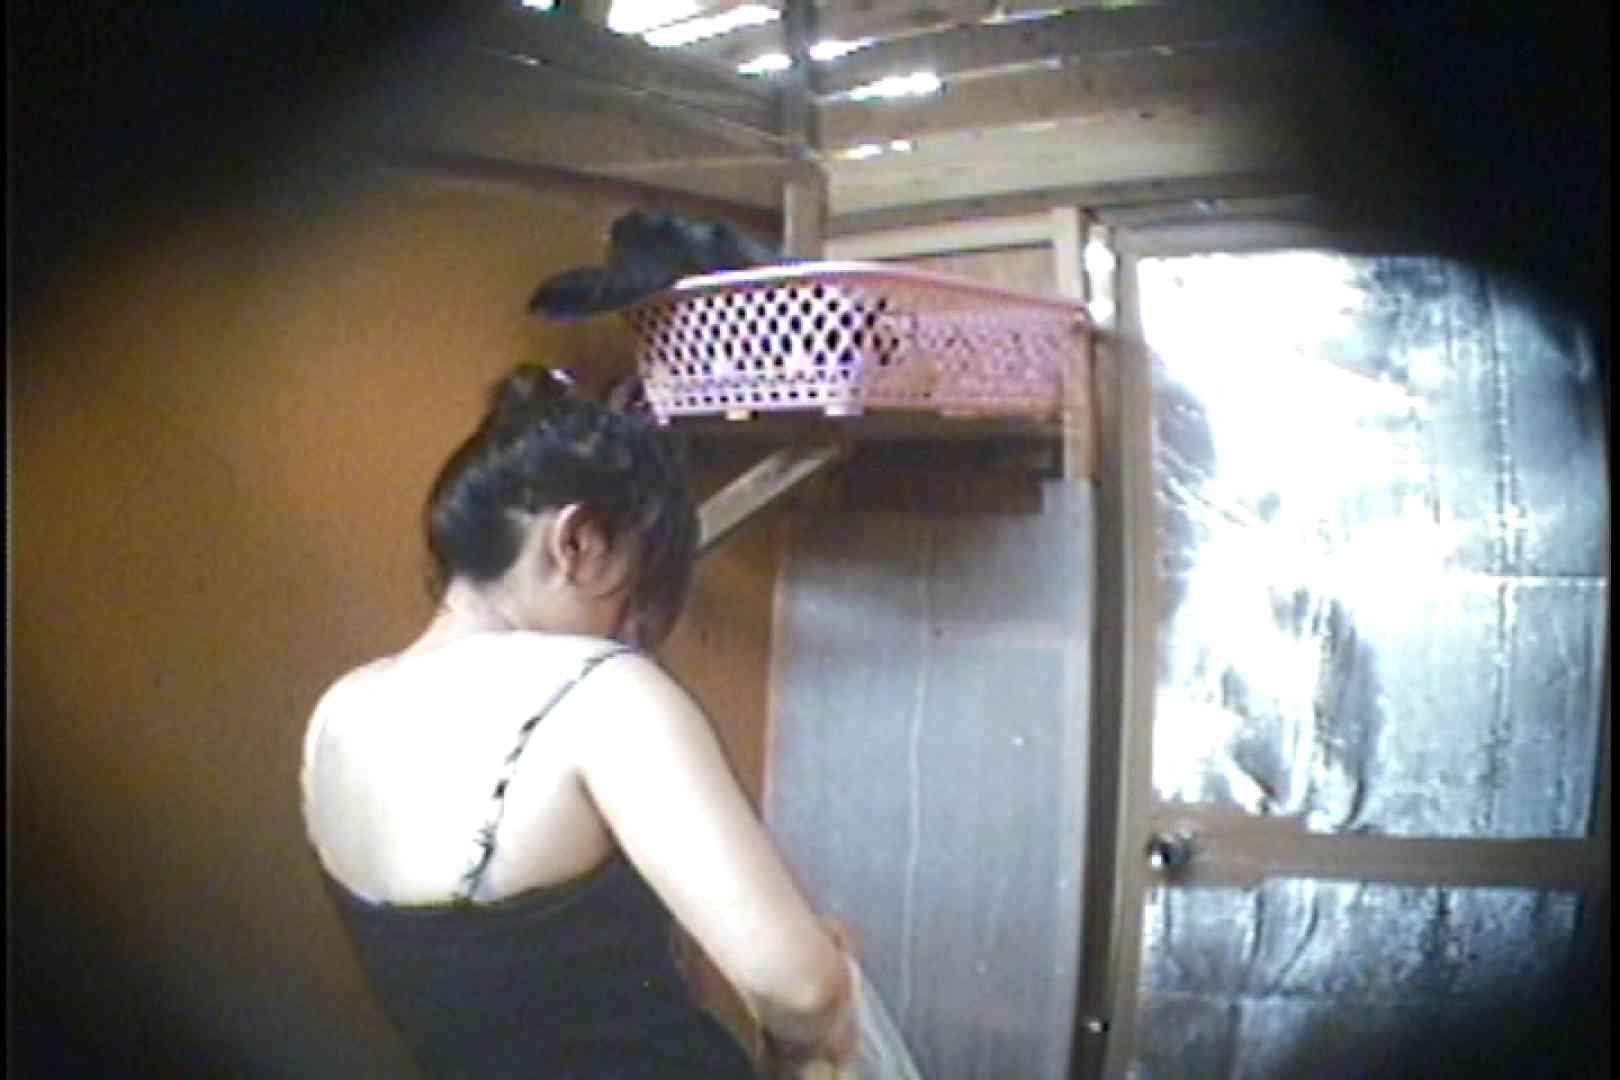 海の家の更衣室 Vol.37 日焼けギャル えろ無修正画像 107枚 97